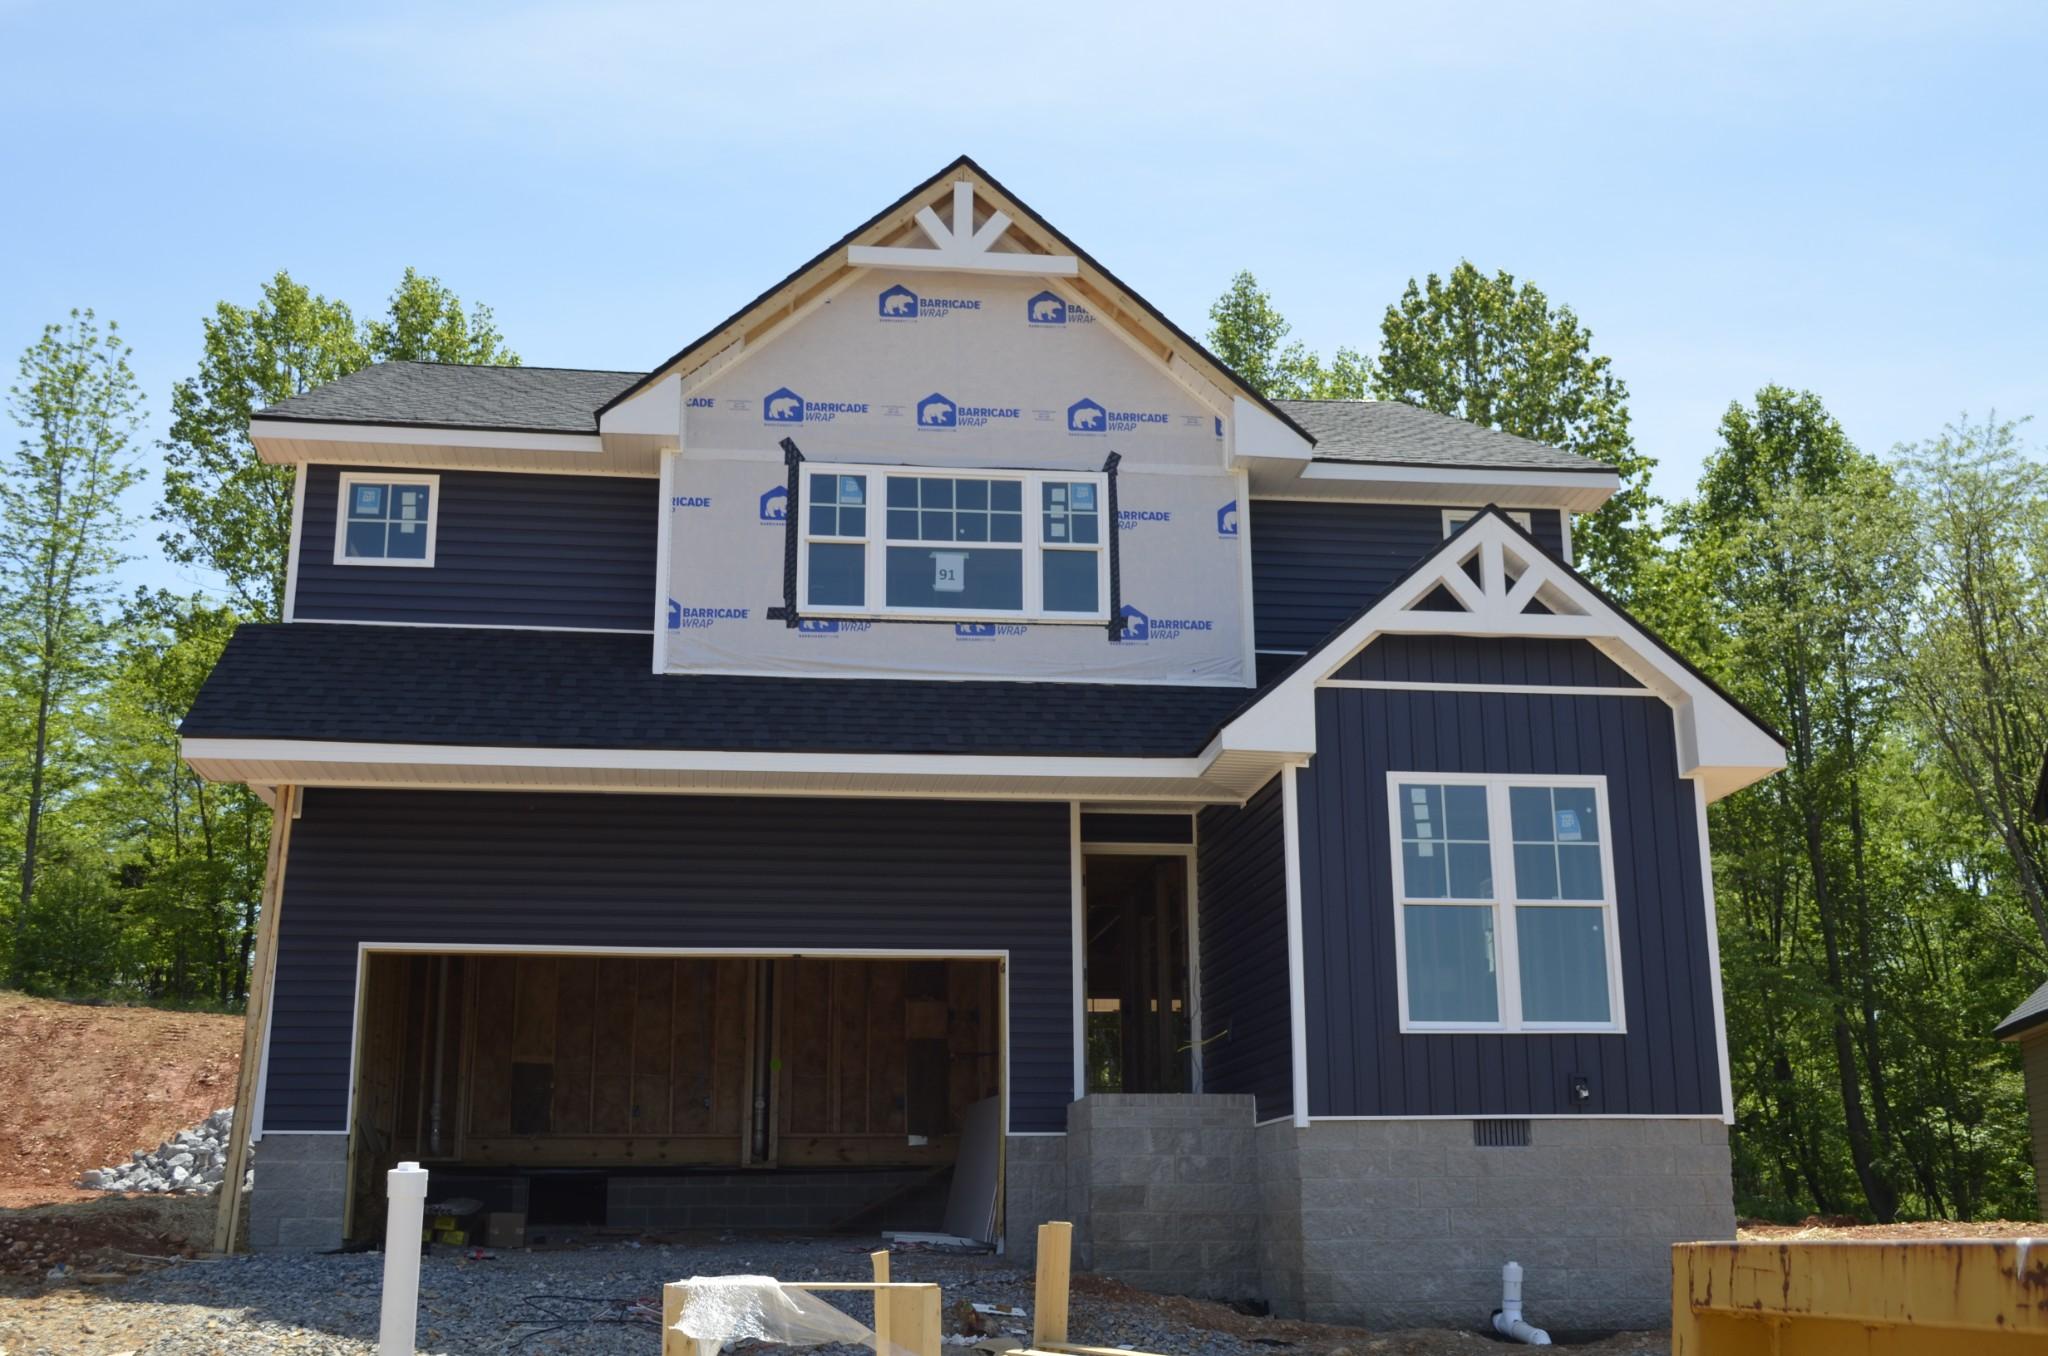 91 Chestnut Hills, Clarksville, TN 37042 - Clarksville, TN real estate listing